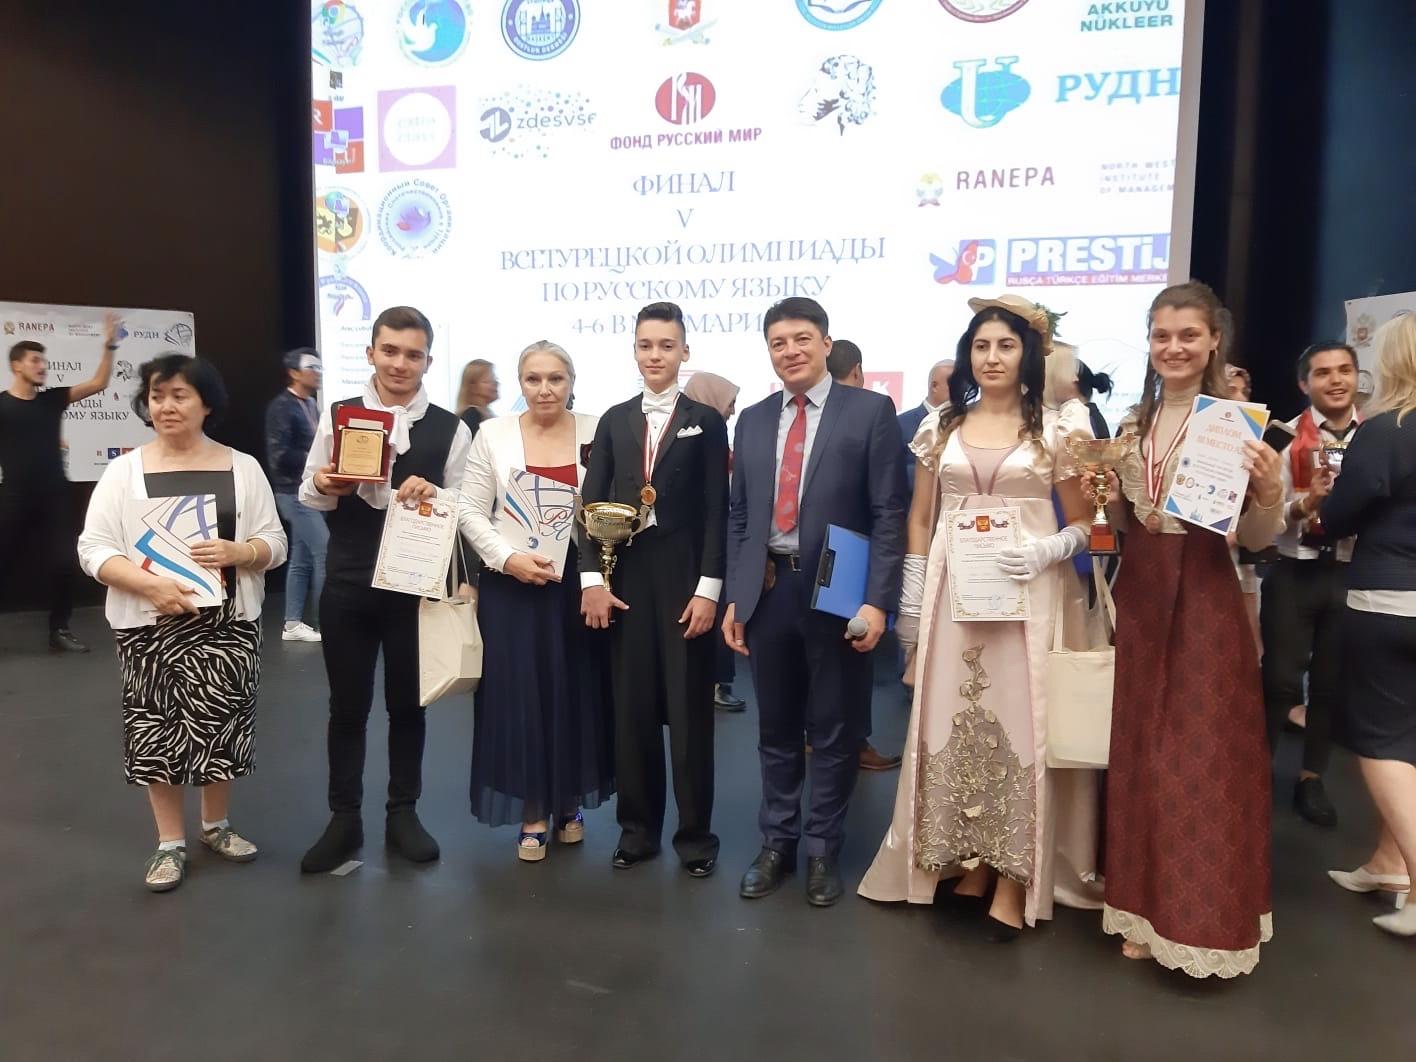 Неделя русского зарубежья в Турции - Общественная дипломатия